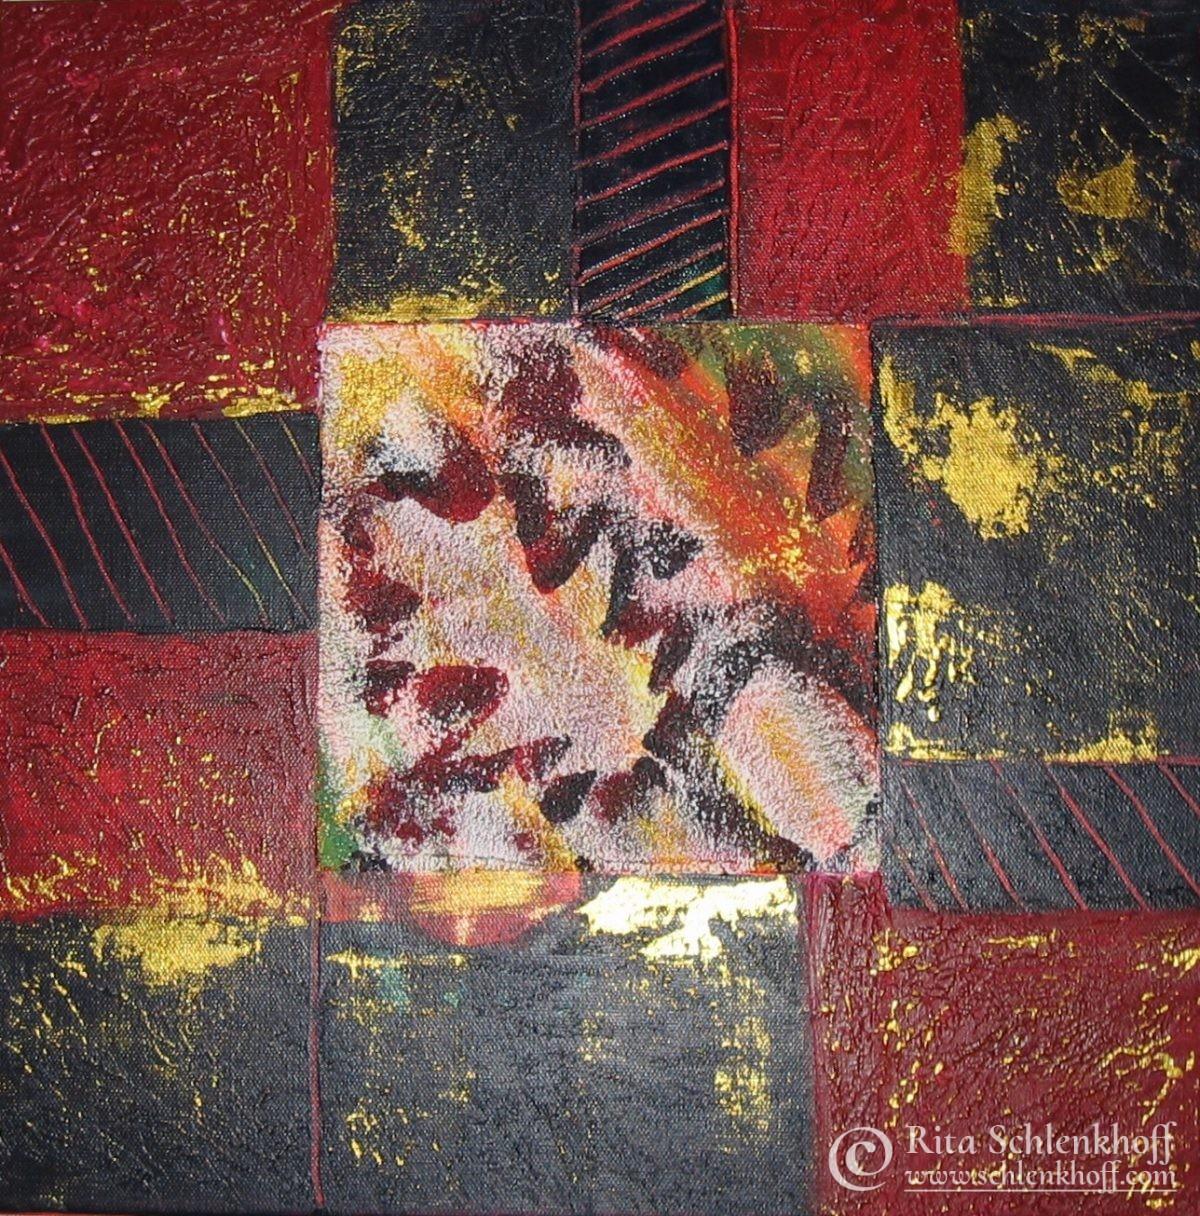 Acryl auf Leinwand 40 x 40 cm, gespachtelt, Herbststimmung